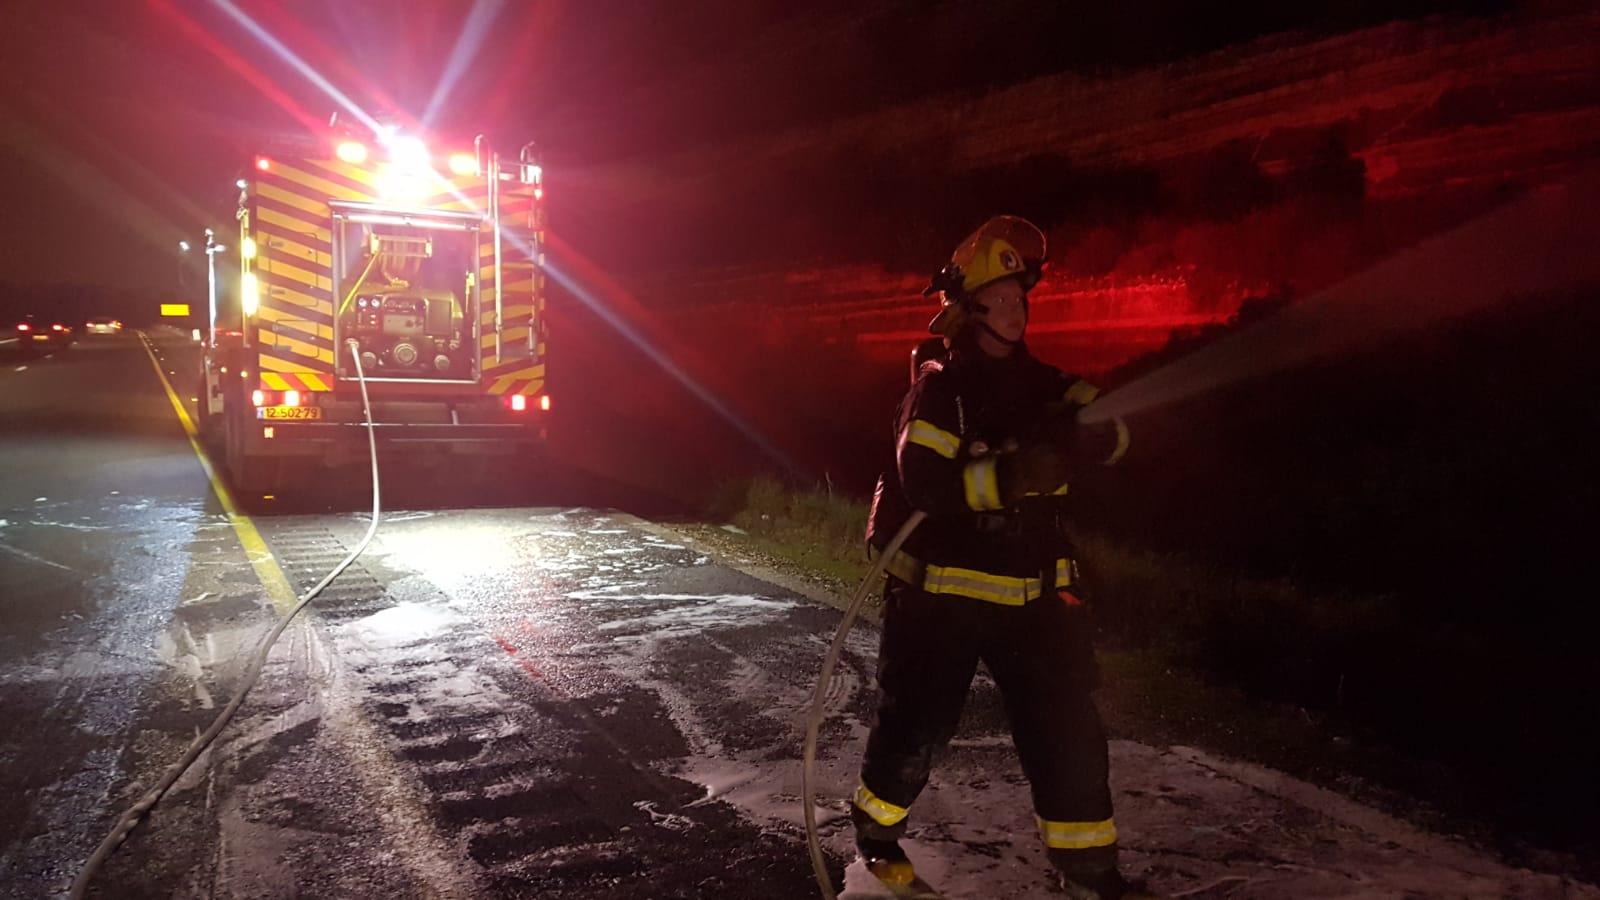 כיבו את השריפה והצילו את הכלב. צילום כיבוי אש